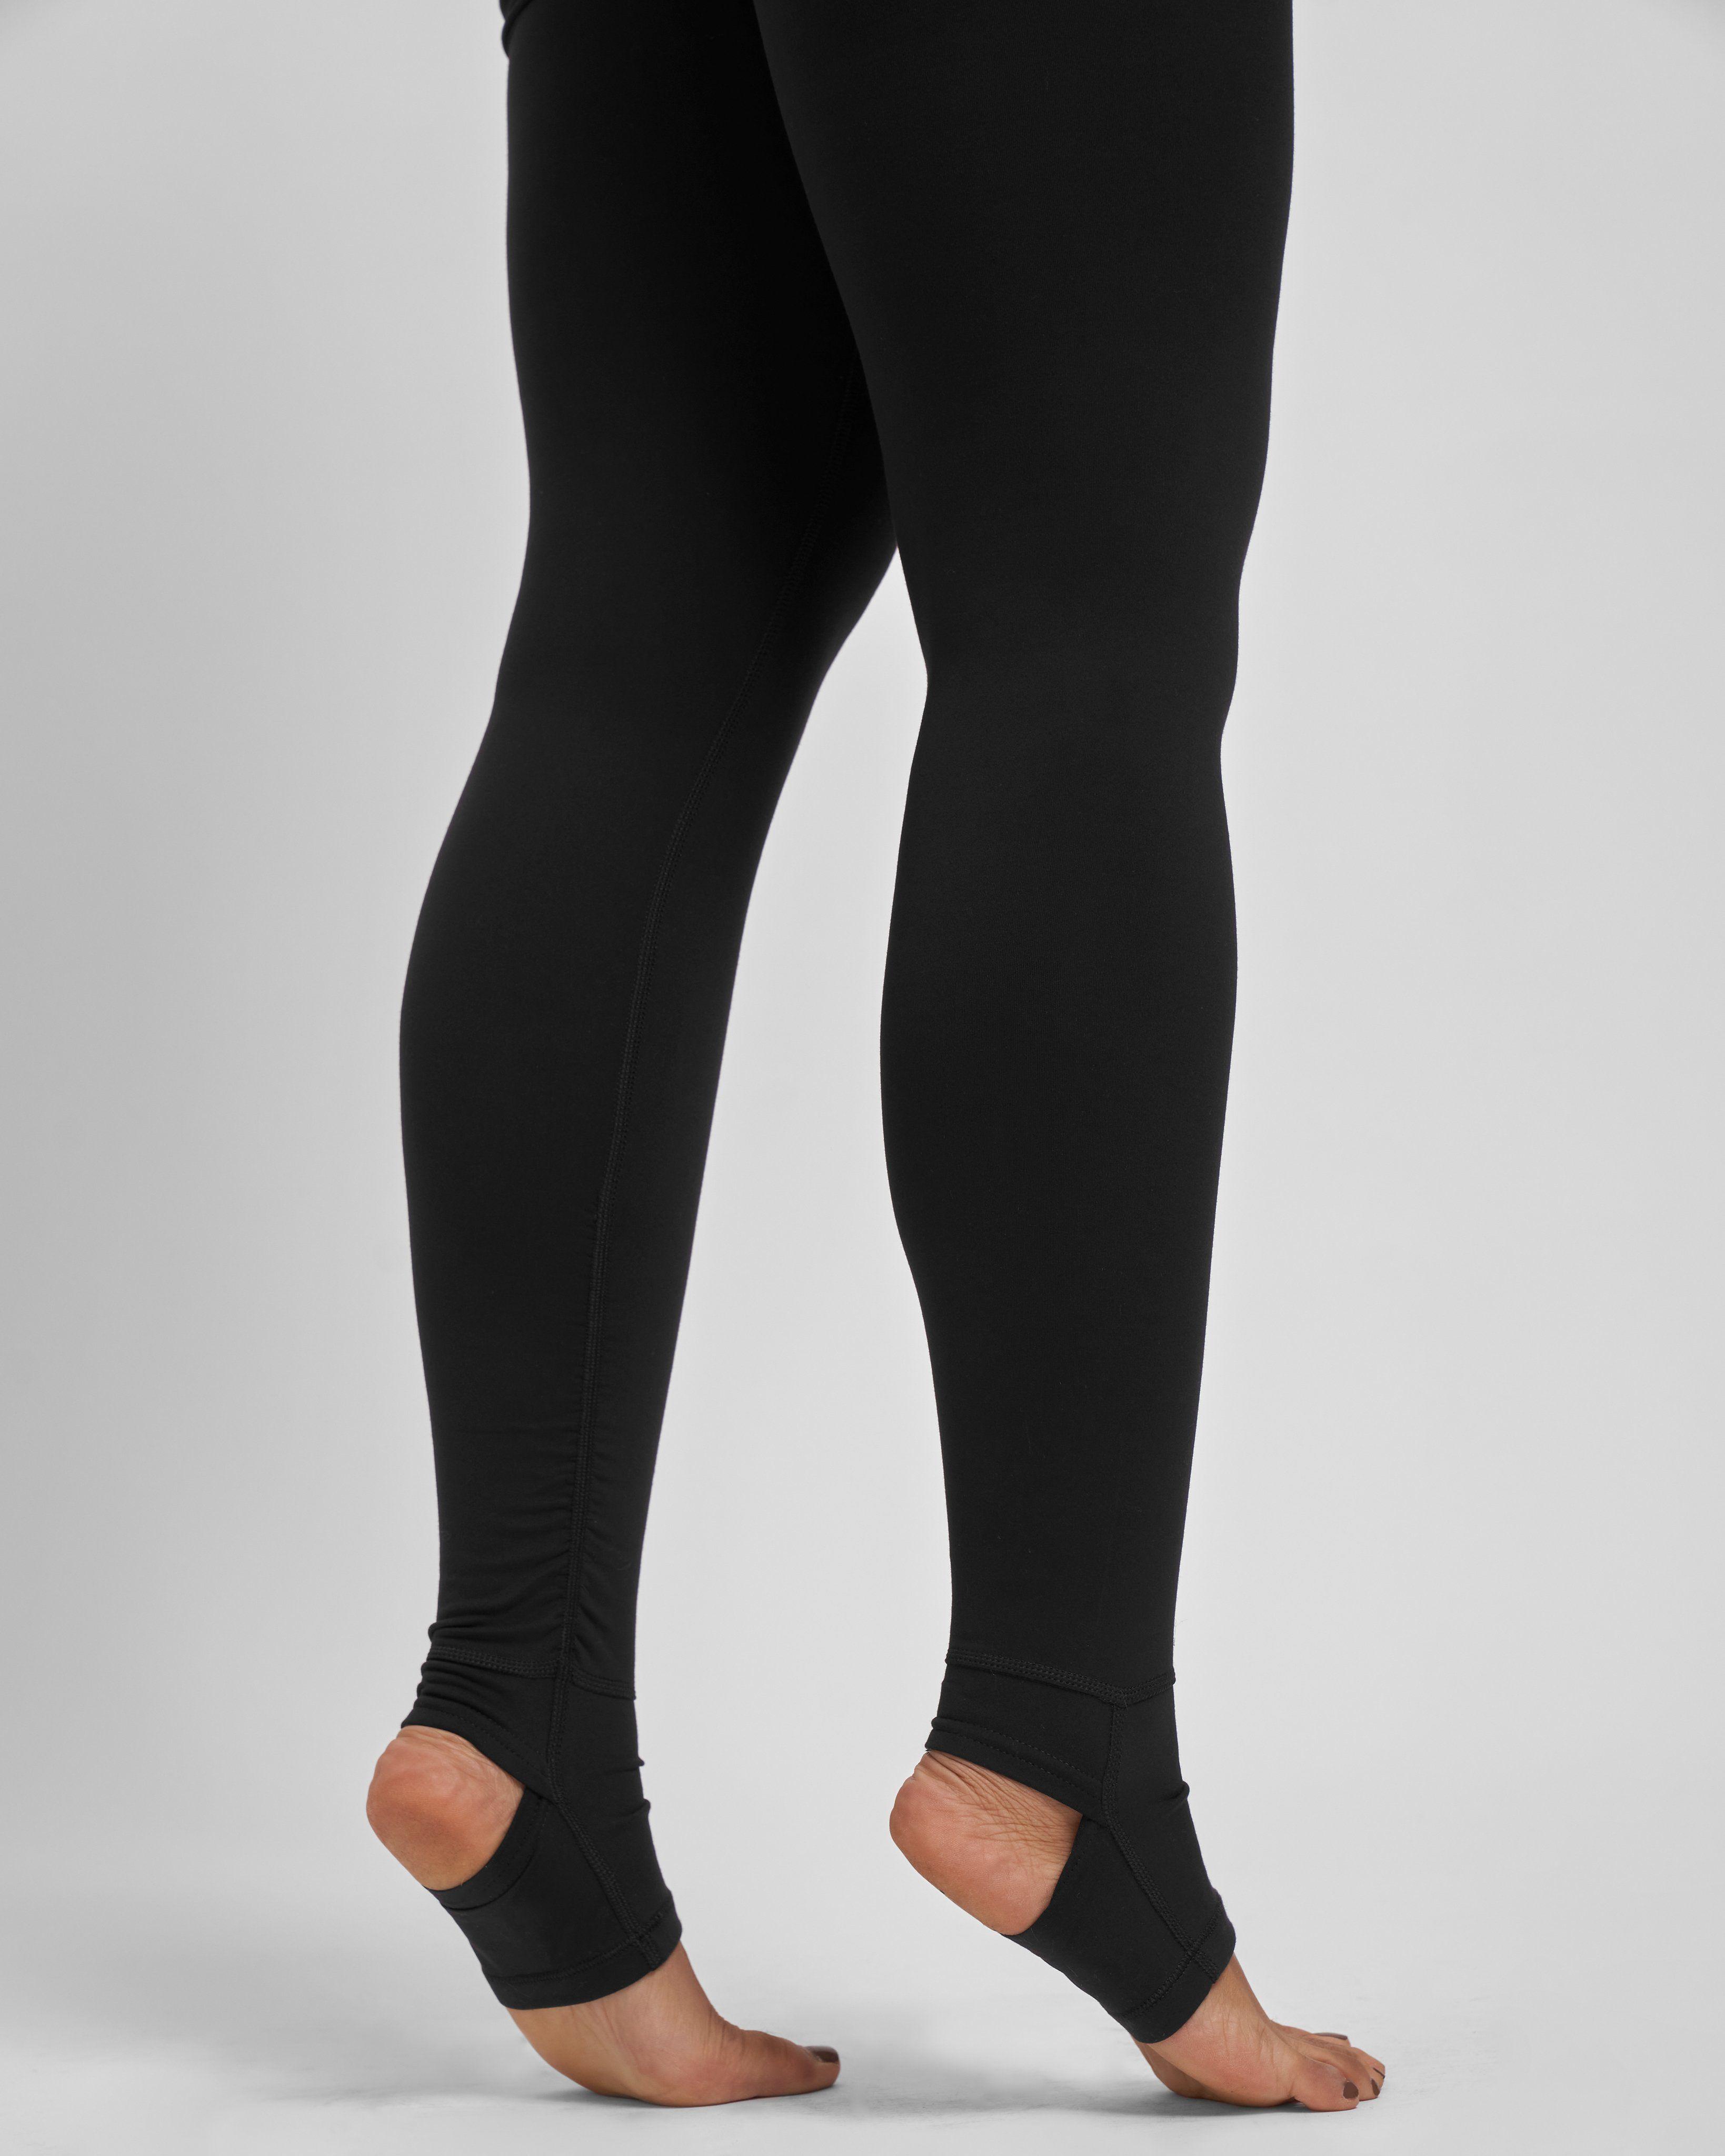 Ronda Stirrup Legging - Black